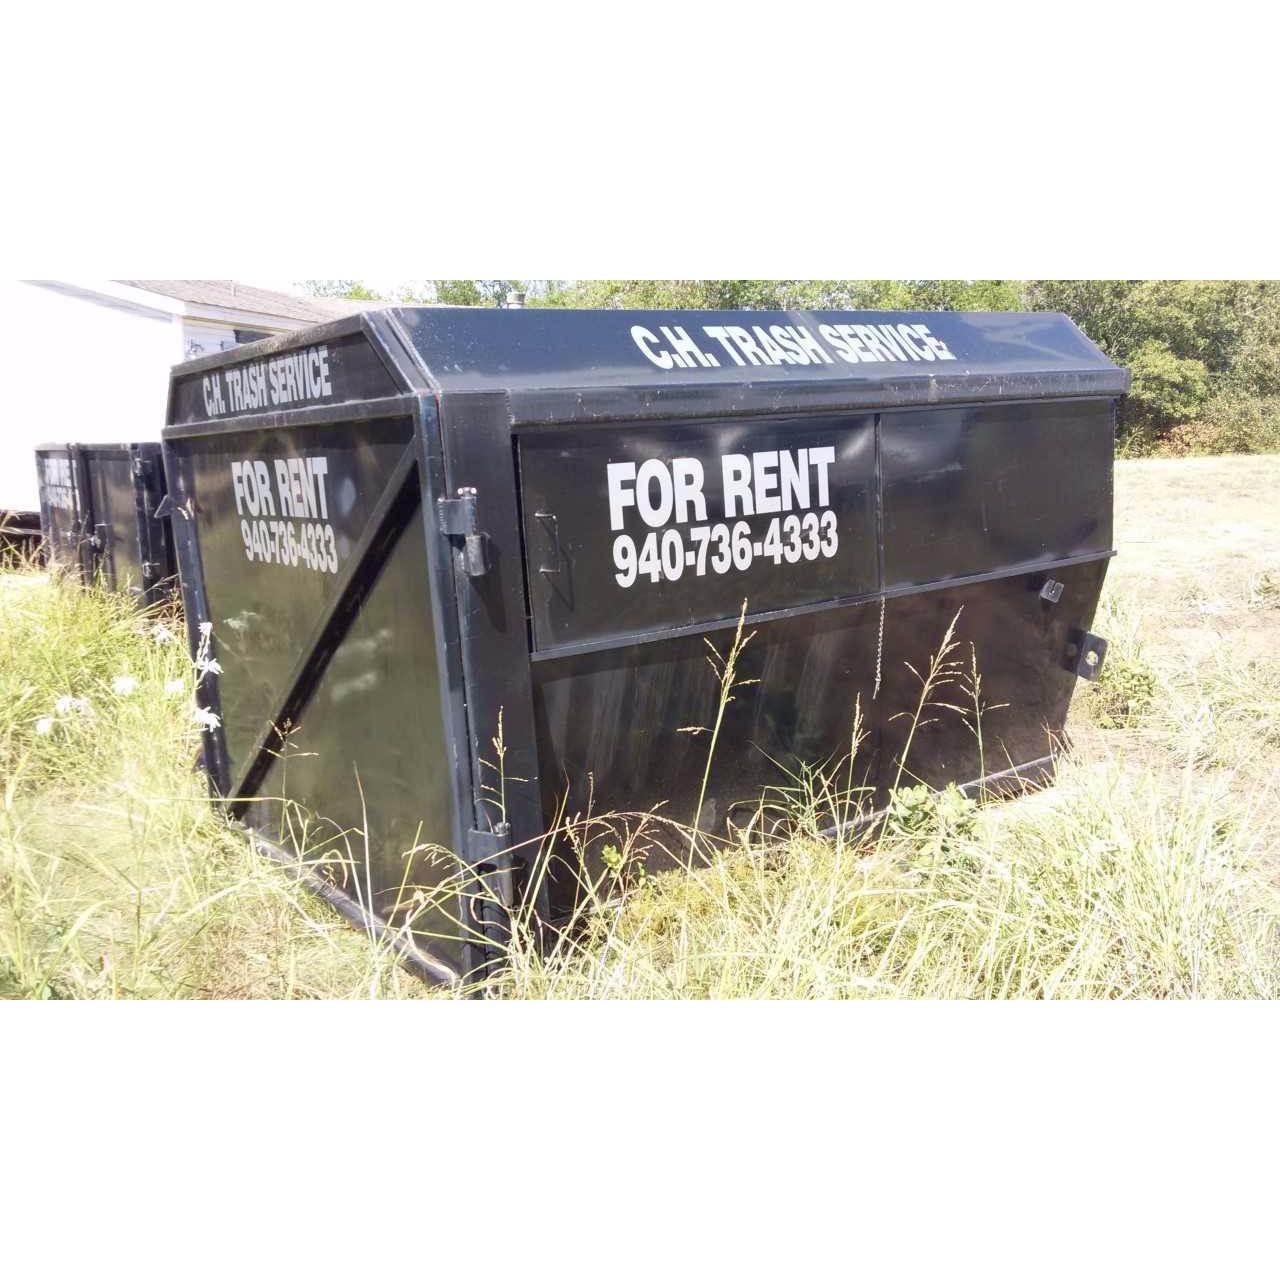 C.H. Trash Service - Dumpster Rental image 5